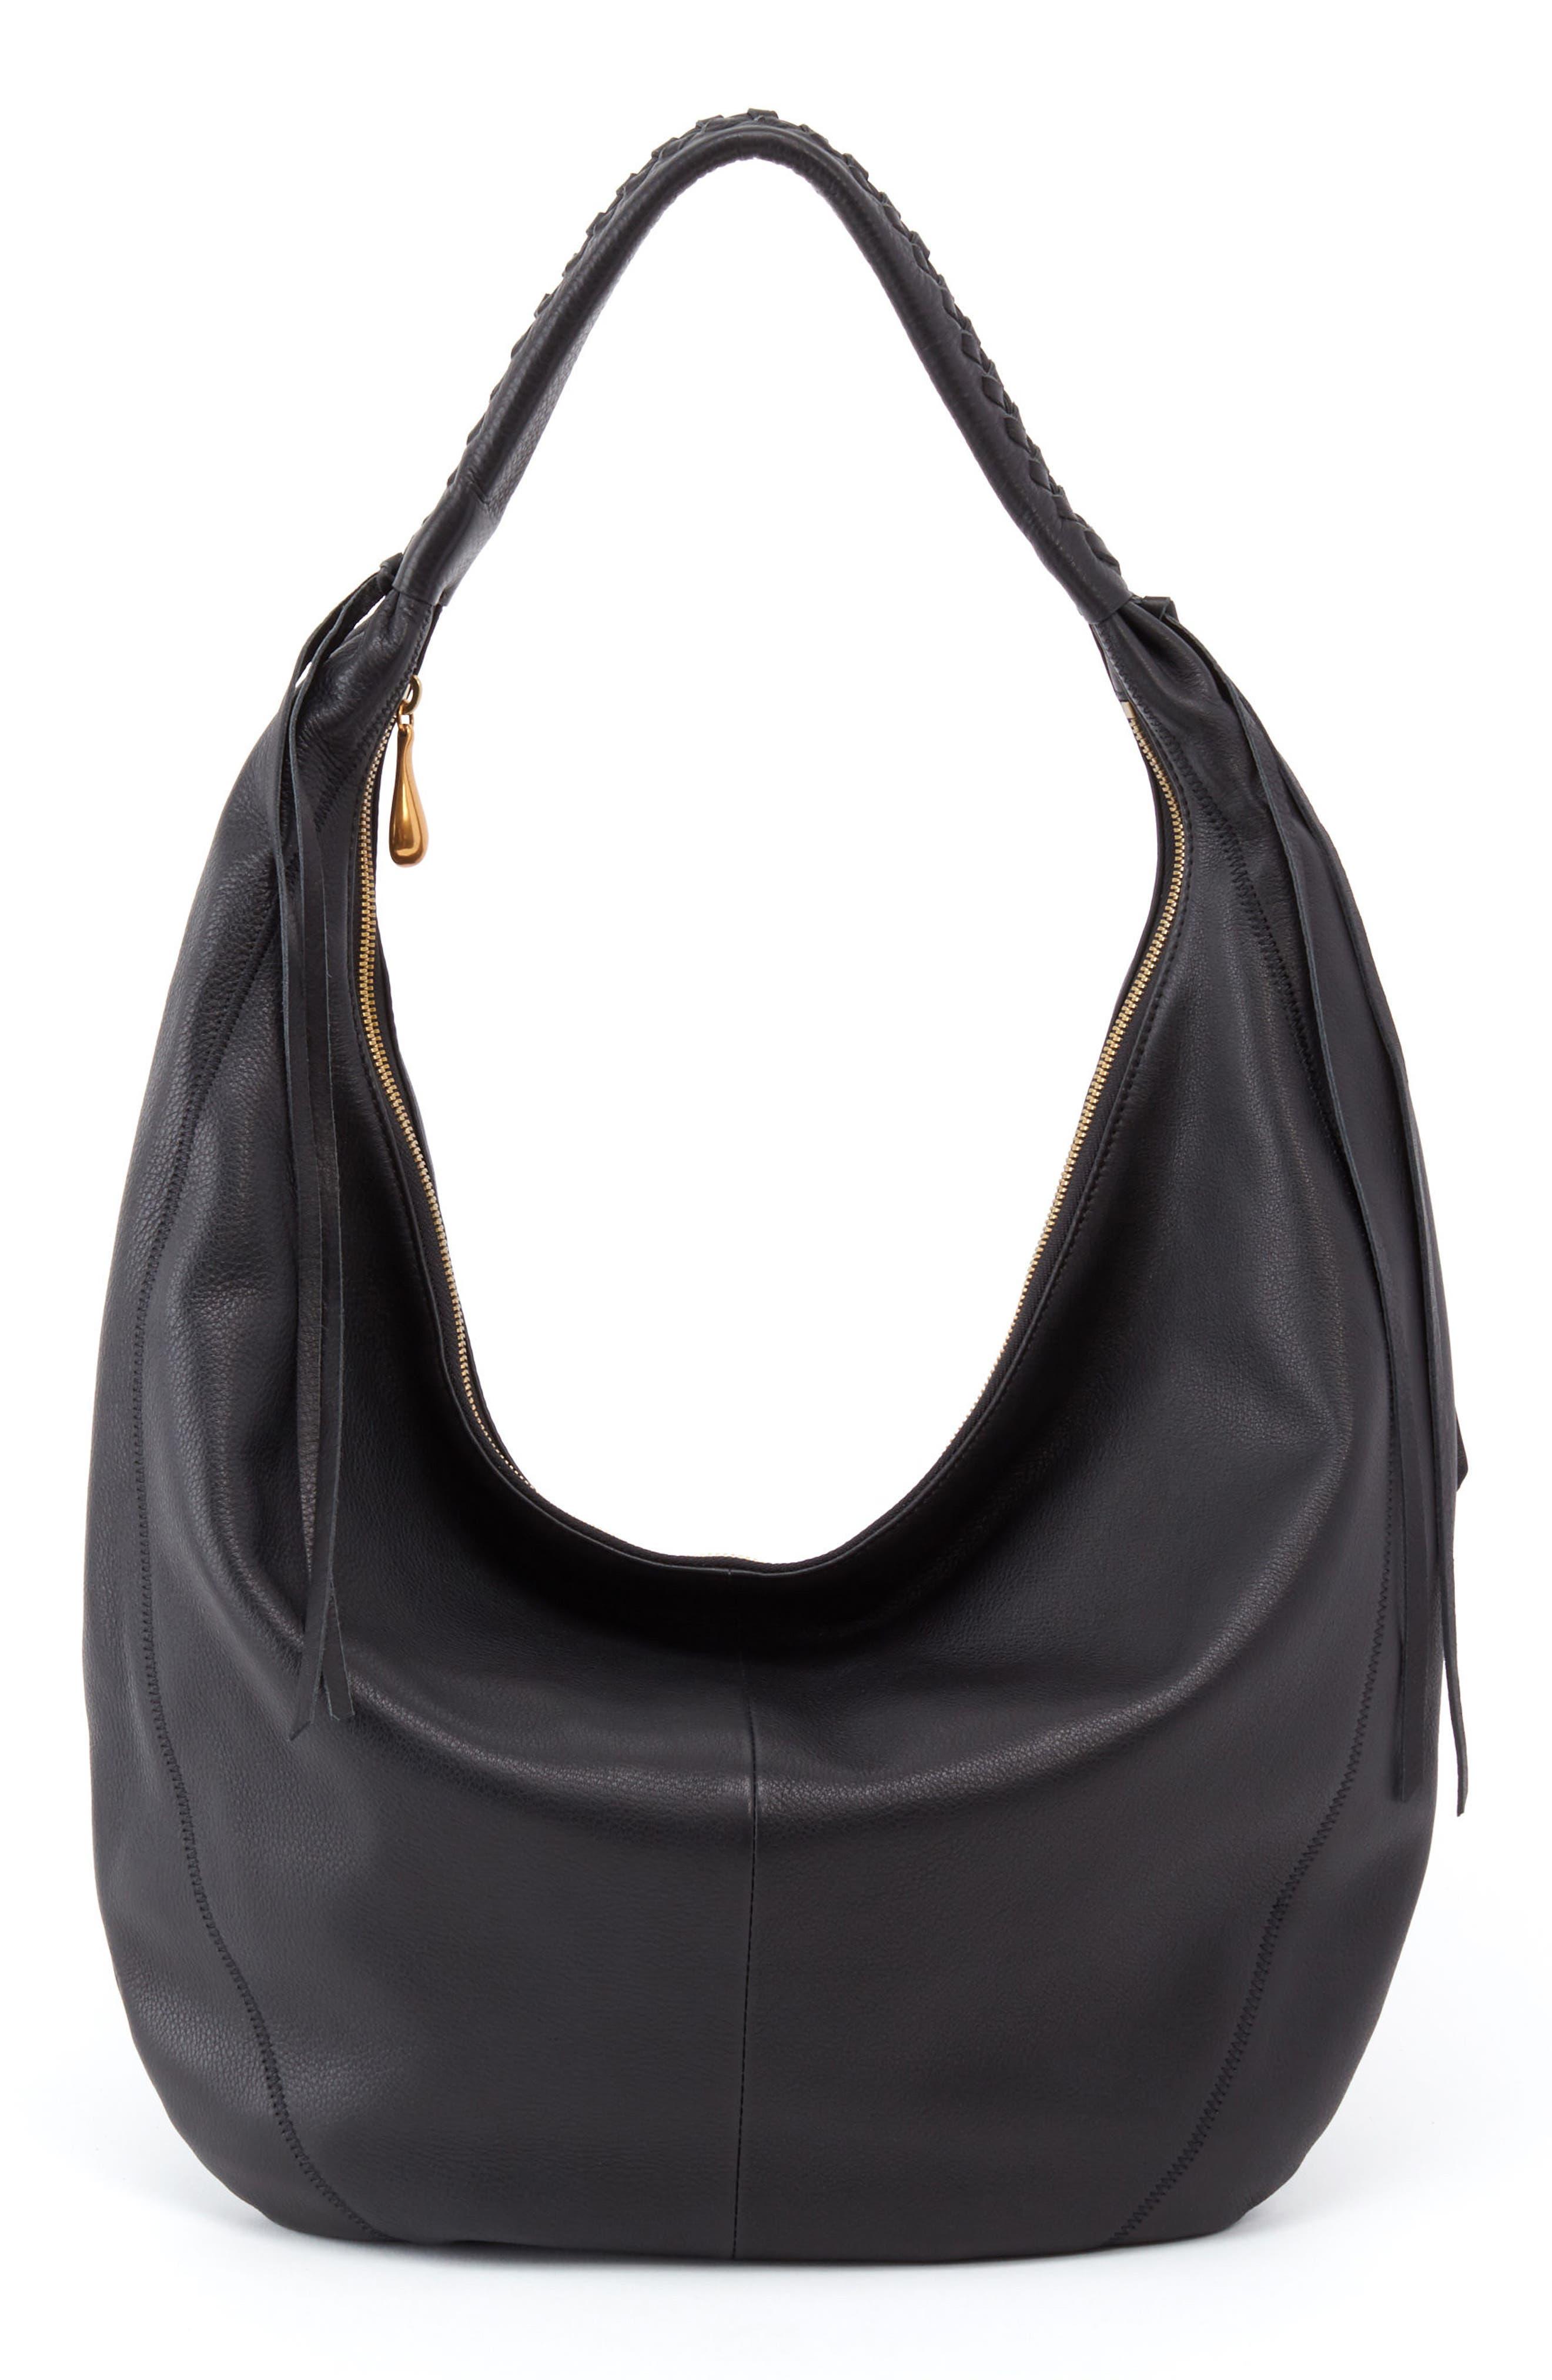 Kindred Leather Shoulder Bag,                             Main thumbnail 1, color,                             001